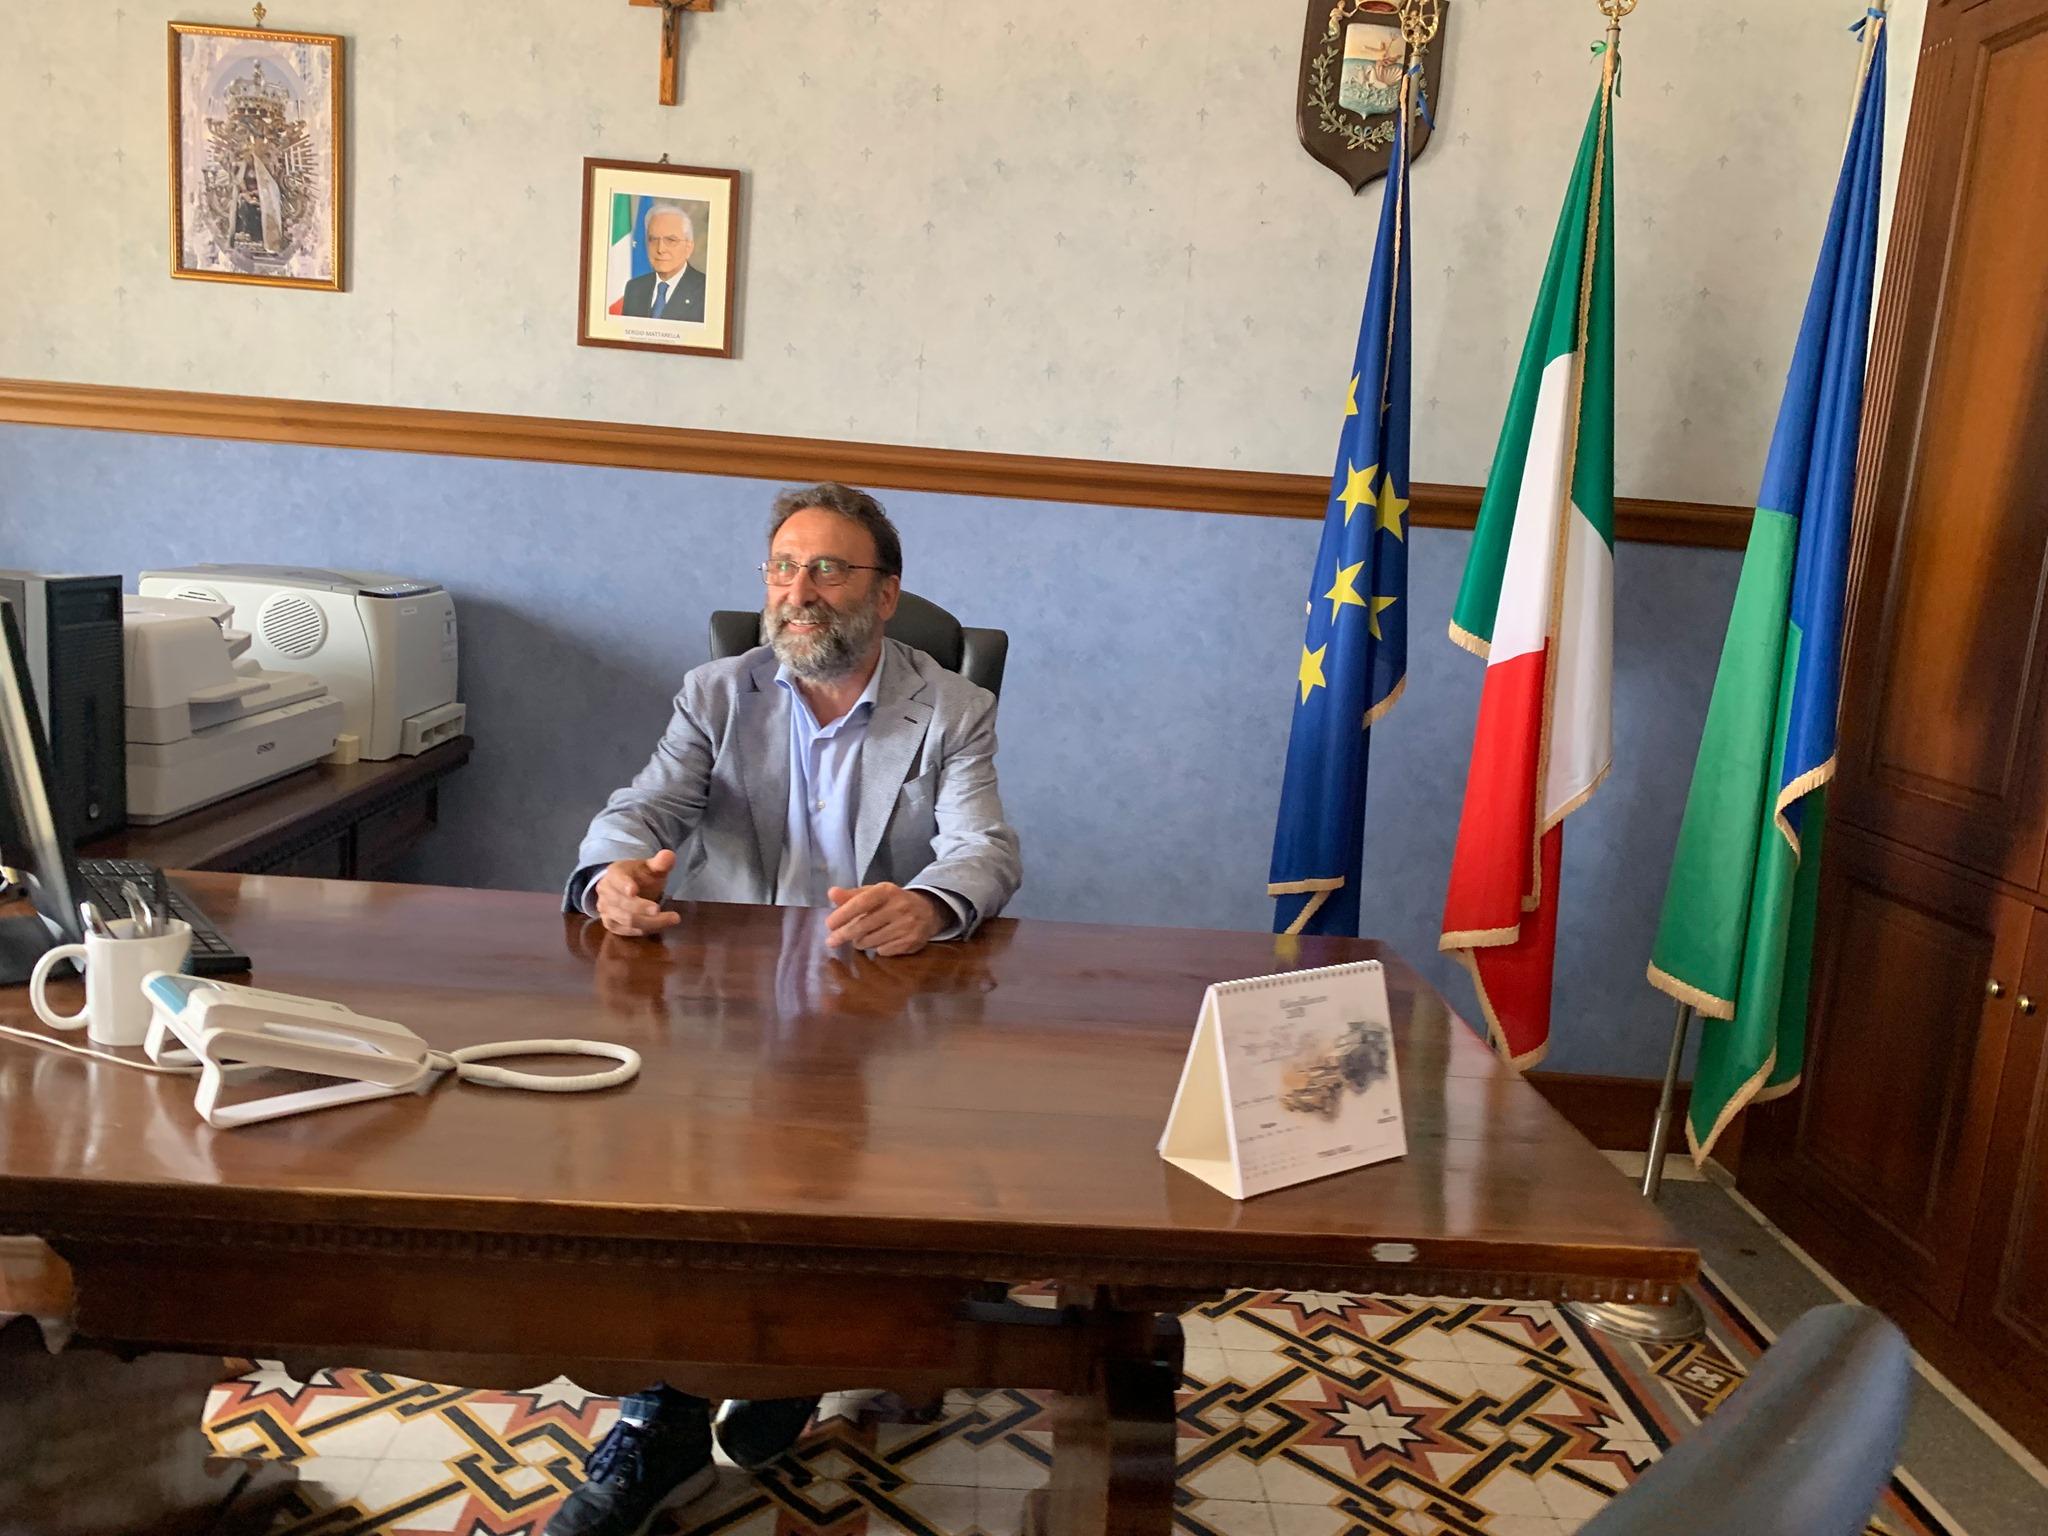 Nettuno, Intimidazioni a un consigliere comunale su Facebook, la solidarietà del sindaco